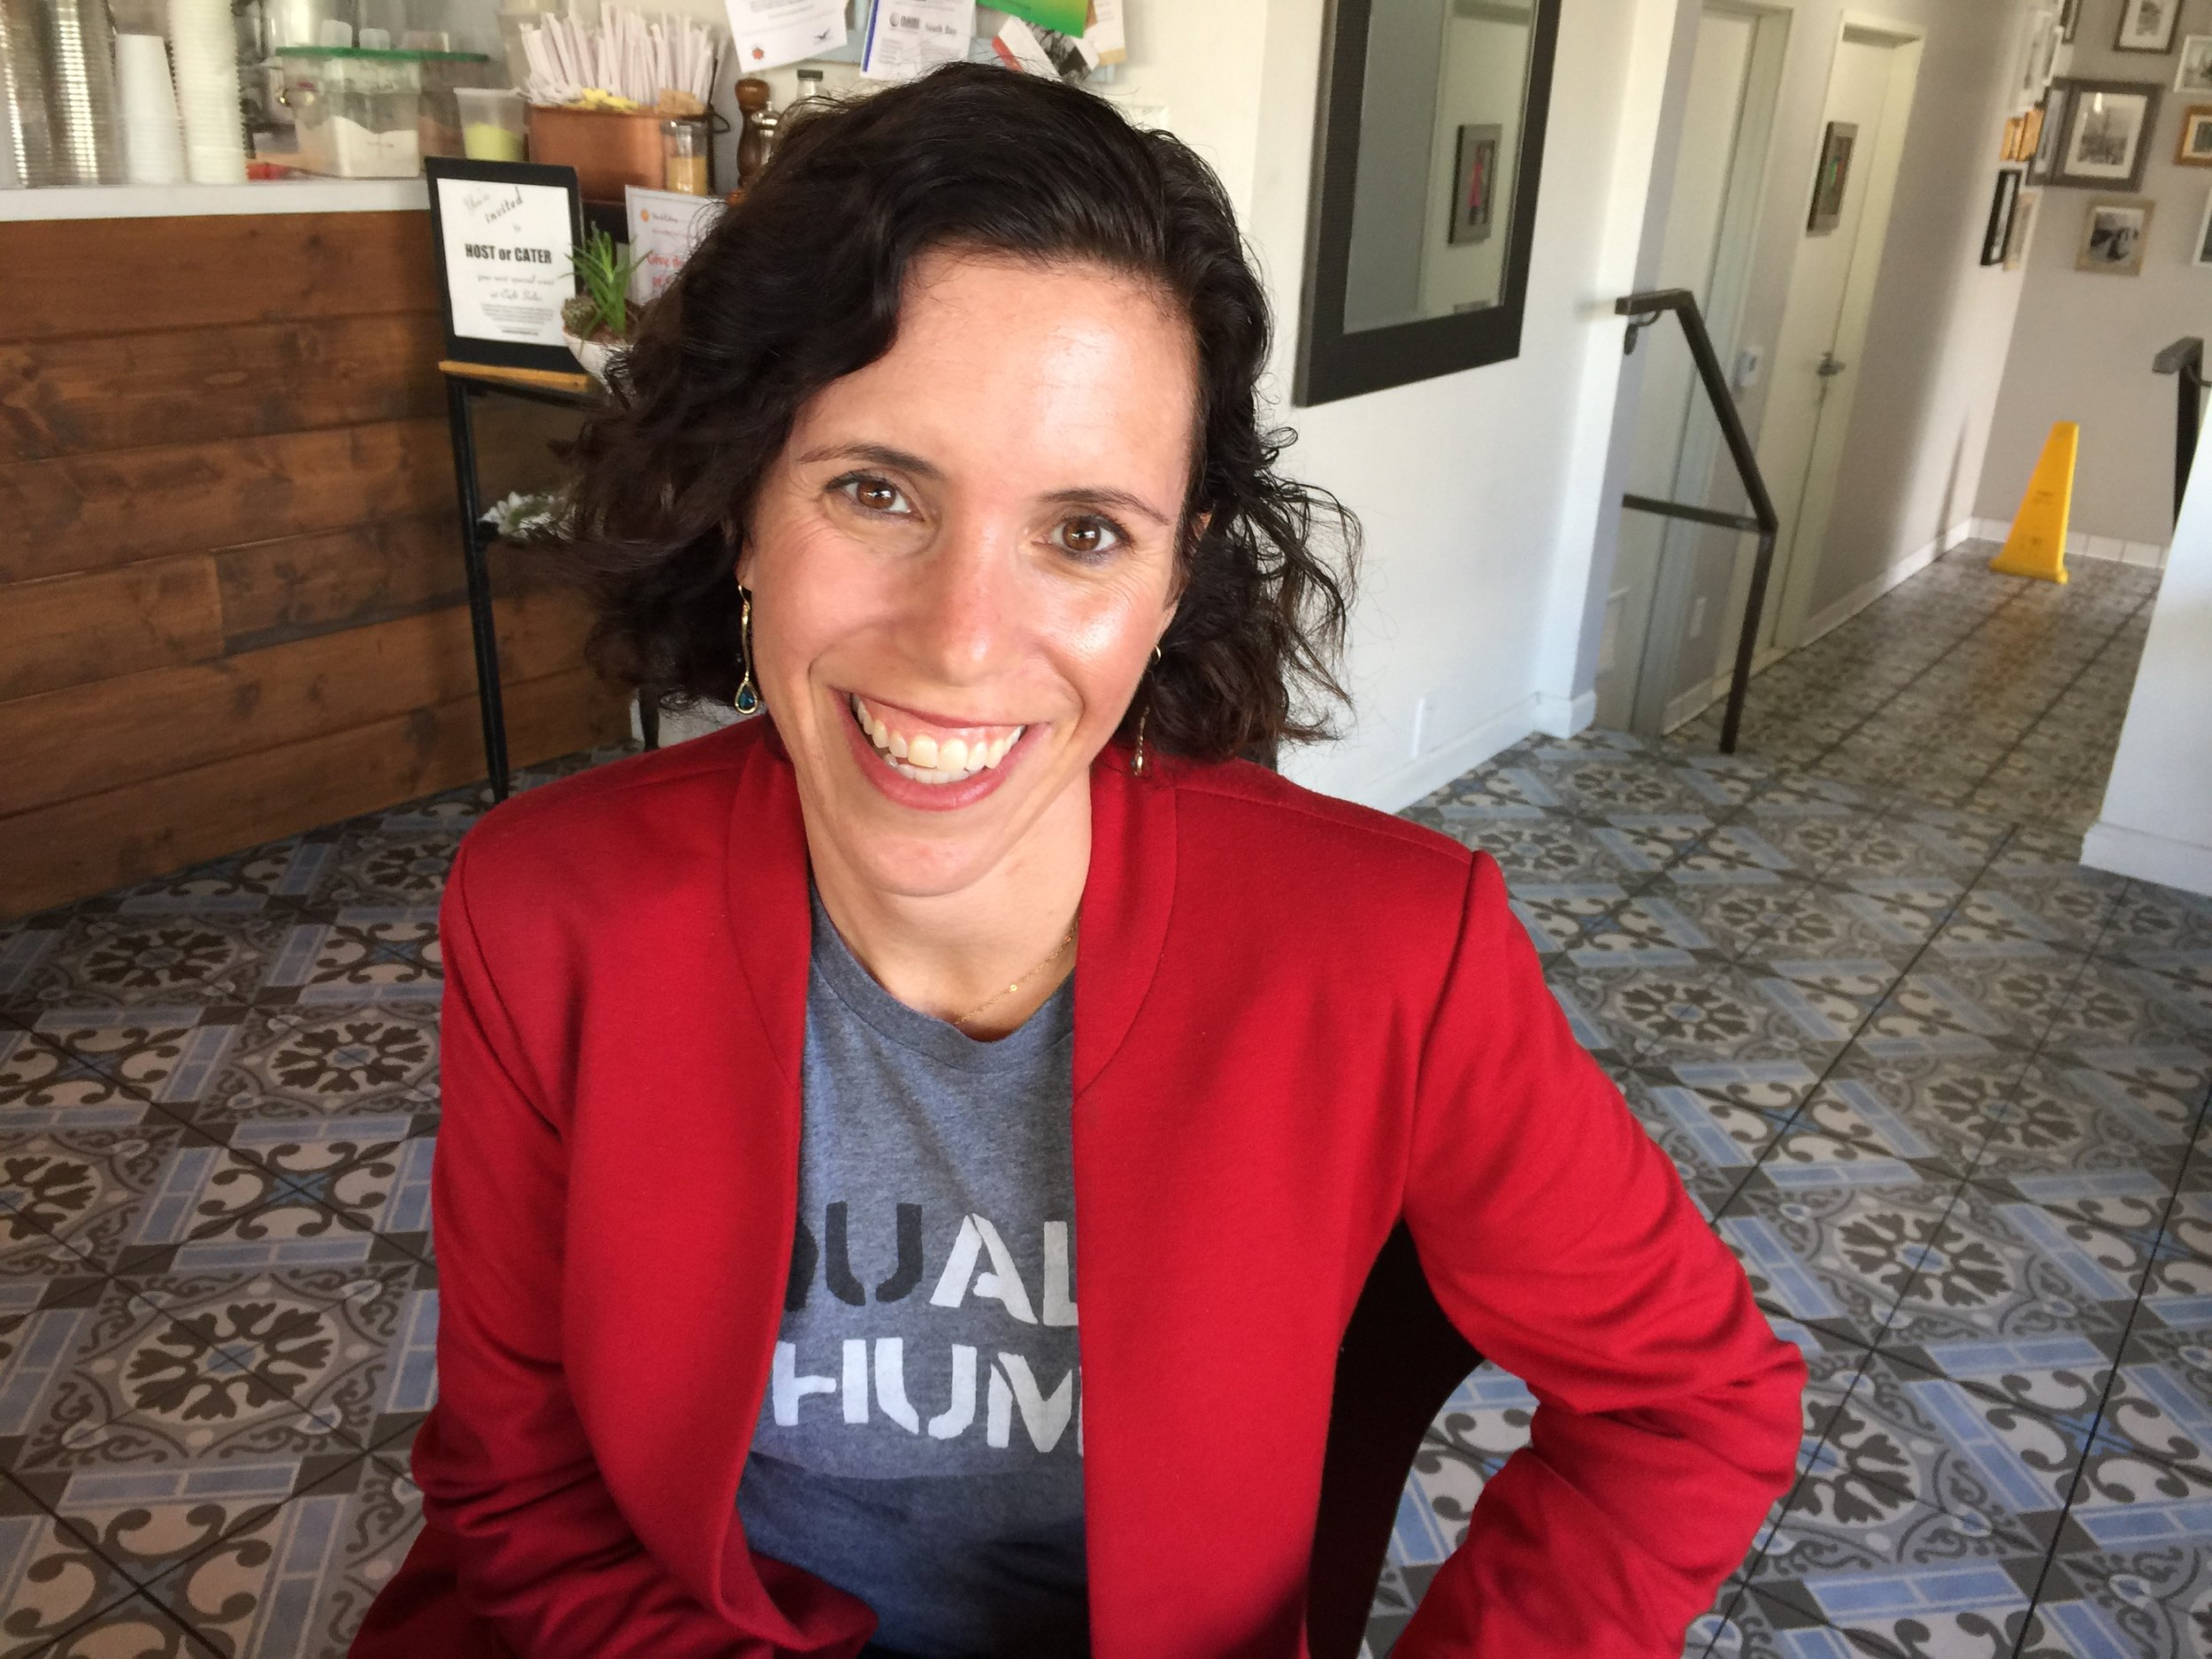 Parent/Educator Allison Bajracharya